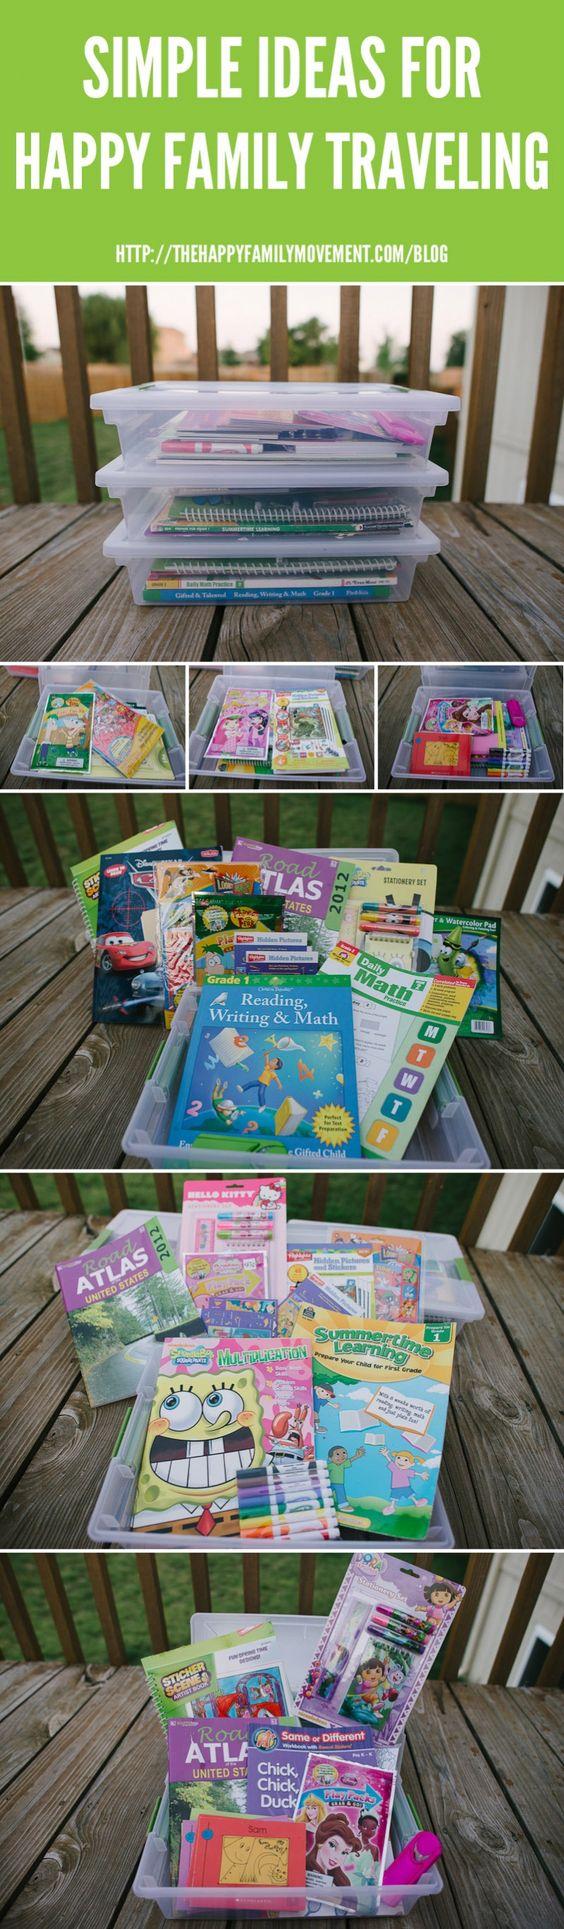 todos los juegos son infantiles para los niños para que aprendan a jugar